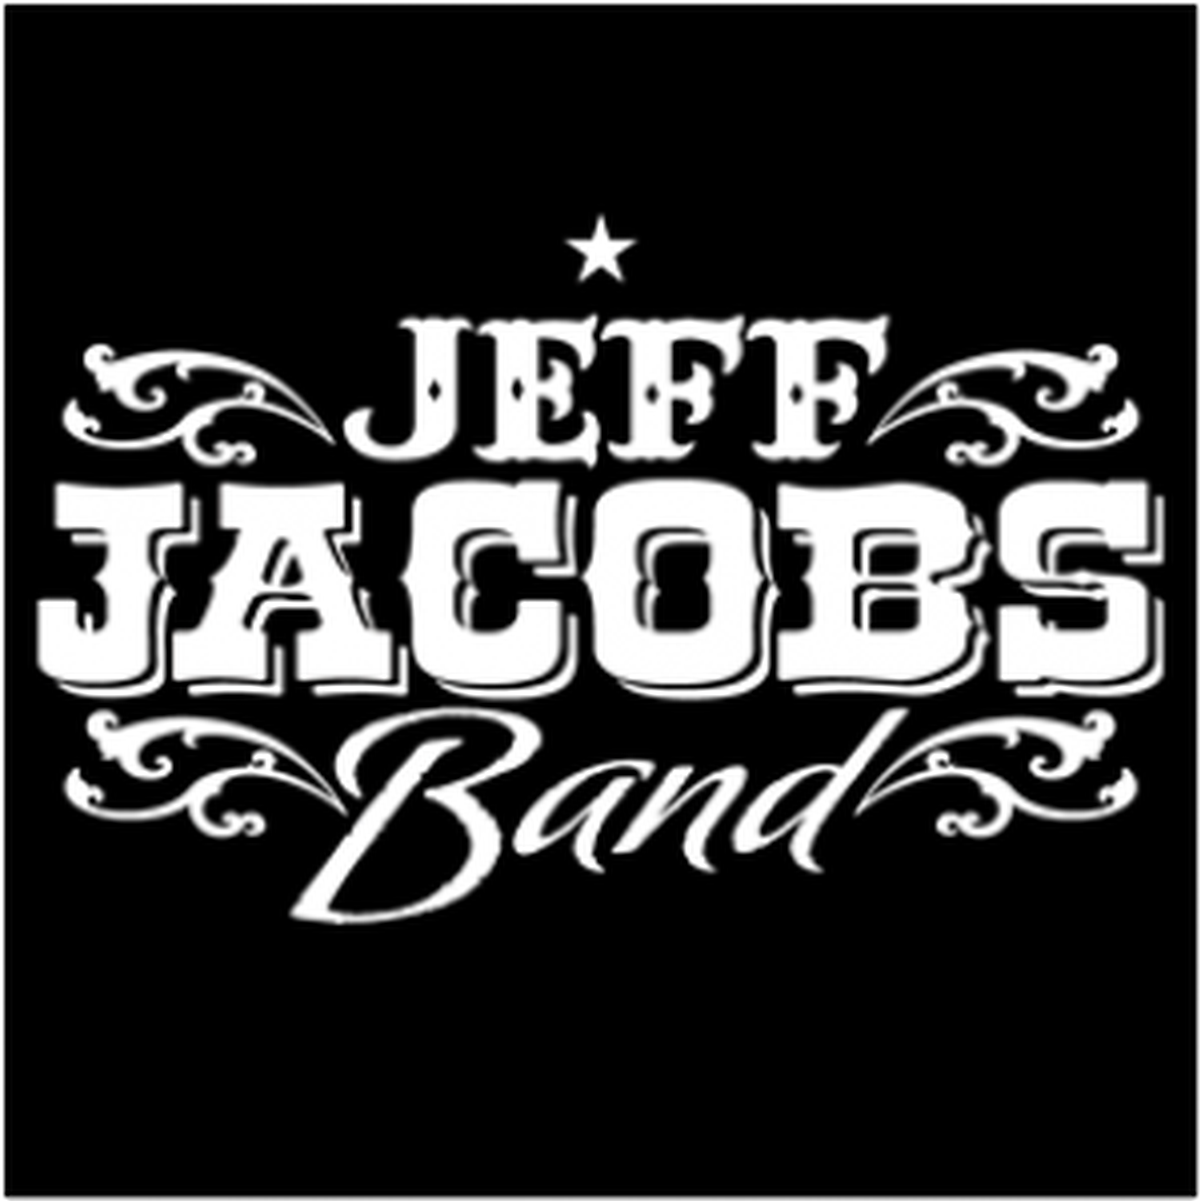 Jeff Jacobs Band